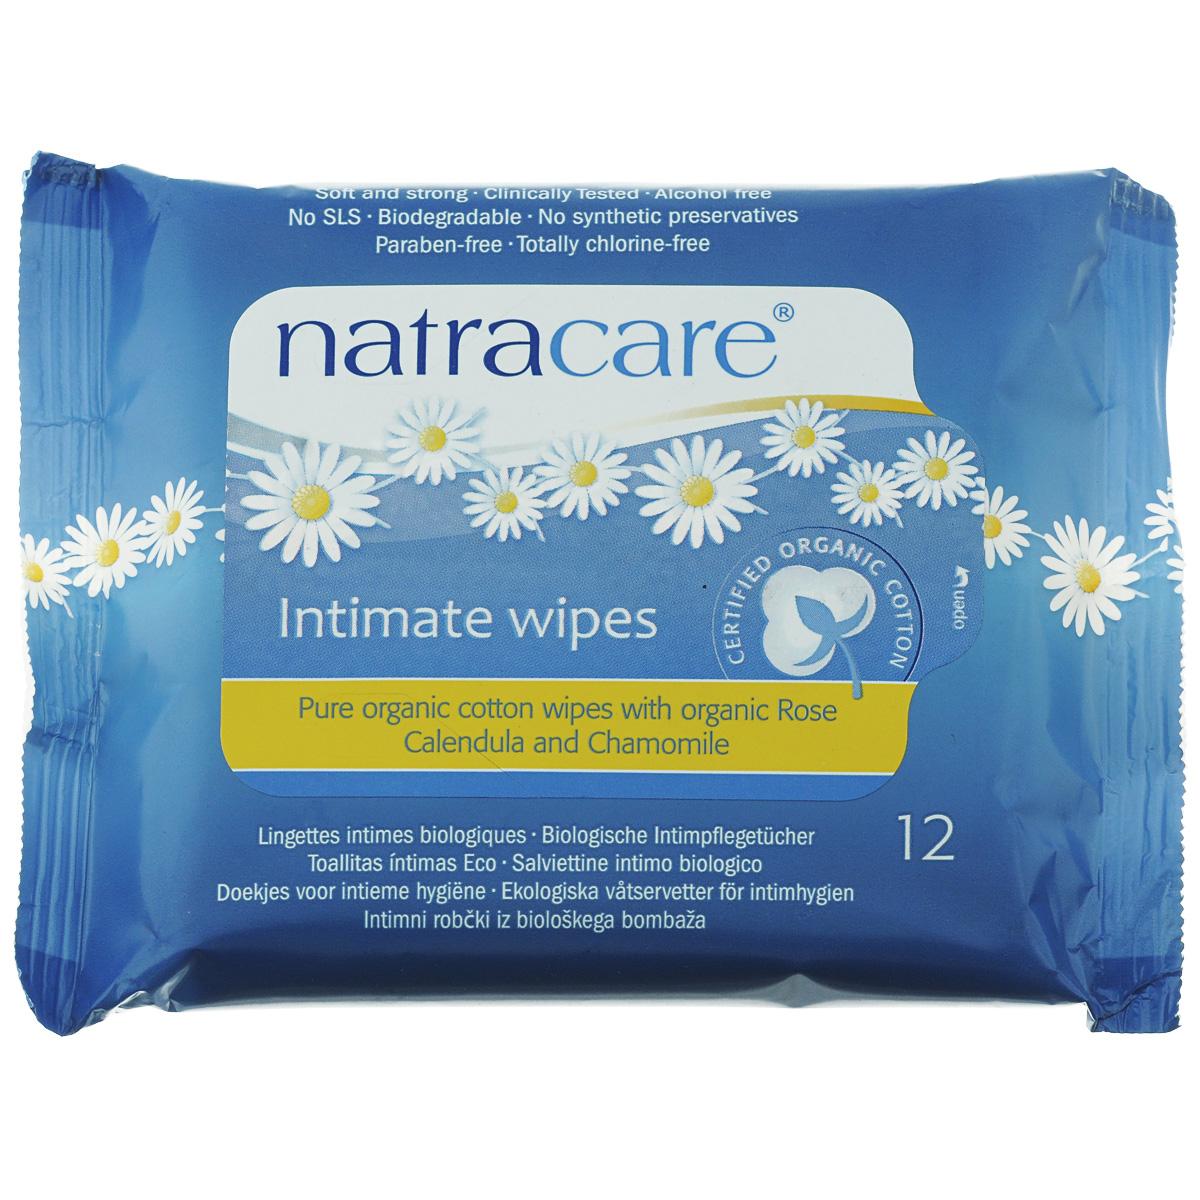 Влажные очищающие салфетки Natracare Organic Cotton для интимной гигиены, 12 шт782126200150Влажные очищающие салфетки Natracare Organic Cotton предназначены для ежедневной интимной гигиены, будут необходимы во время путешествий.Салфетки, обогащенные Био эфирными маслами, изготовлены из 100% Био-хлопка, не содержат вредные ингредиенты, не отбелены хлором, и полностью разлагаются после применения. Мягкие, прочные и клинически протестированные салфетки Natracare Organic Cotton очищают и освежают, оставляя кожу мягкой. Характеристики: Состав: 100% БИО-хлопок, эфирные масла Био-ромашки и Био-календулы, глицерин. Количество салфеток: 12 шт. Размер упаковки: 14 см х 10,5 см х 2 см. Производитель: Великобритания. Изготовитель: Греция. Артикул: 782126200150. Товар сертифицирован. Компания Bodywise была создана в Великобритании в 1989 году. На сегодняшний день она имеет представительства более чем в 40 странах мира.Компания Bodywise предлагает экологически чистые гигиенические средства для женщин.Серия Natracare представляет более 20 наименований средств персональной гигиены высокого качества. Женские гигиенические средства Natracare были созданы Сюзи Хьюсон в 1989 году в результате обеспокоенности разрушающим эффектом, который оказывает загрязнение диоксинами на здоровье женщин. На сегодняшний день разработан большой диапазон по-настоящему био и натуральных продуктов для женщин и детей. Продукция Natracare является продукцией, рекомендованной врачами-гинекологами.